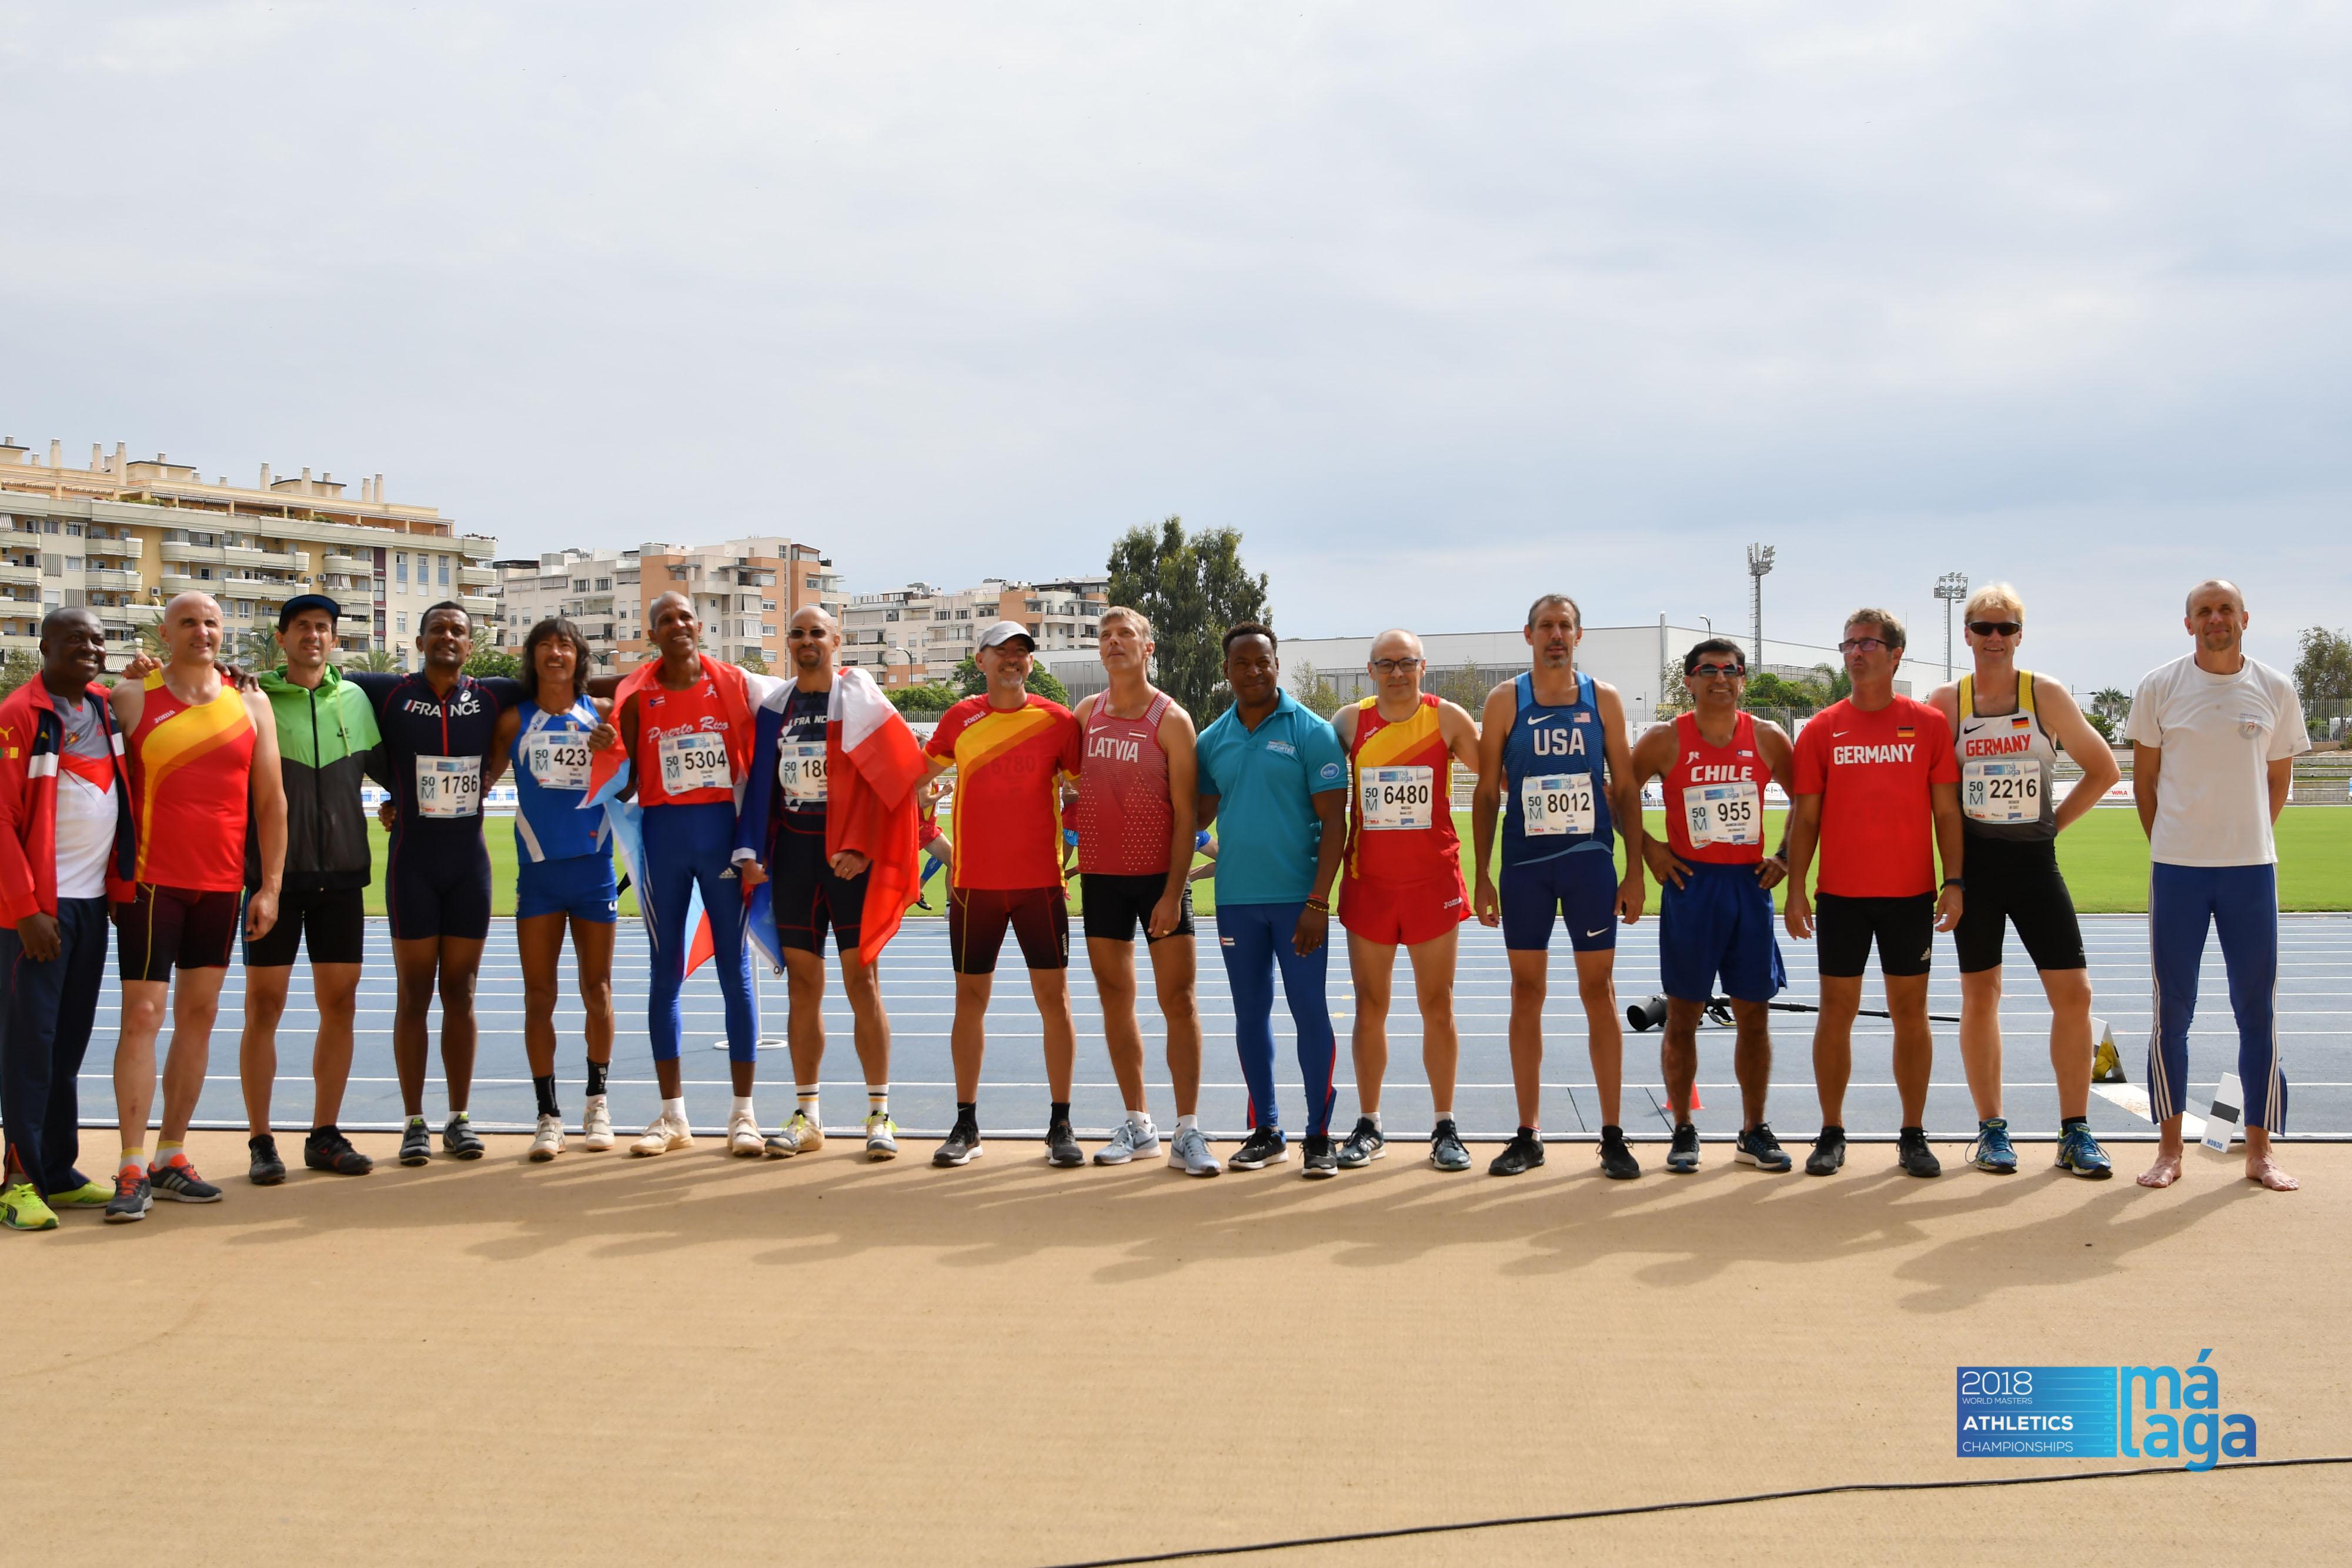 Auch Alf Decker bei der Leichtathletik-Senioren-WM in Malaga ...